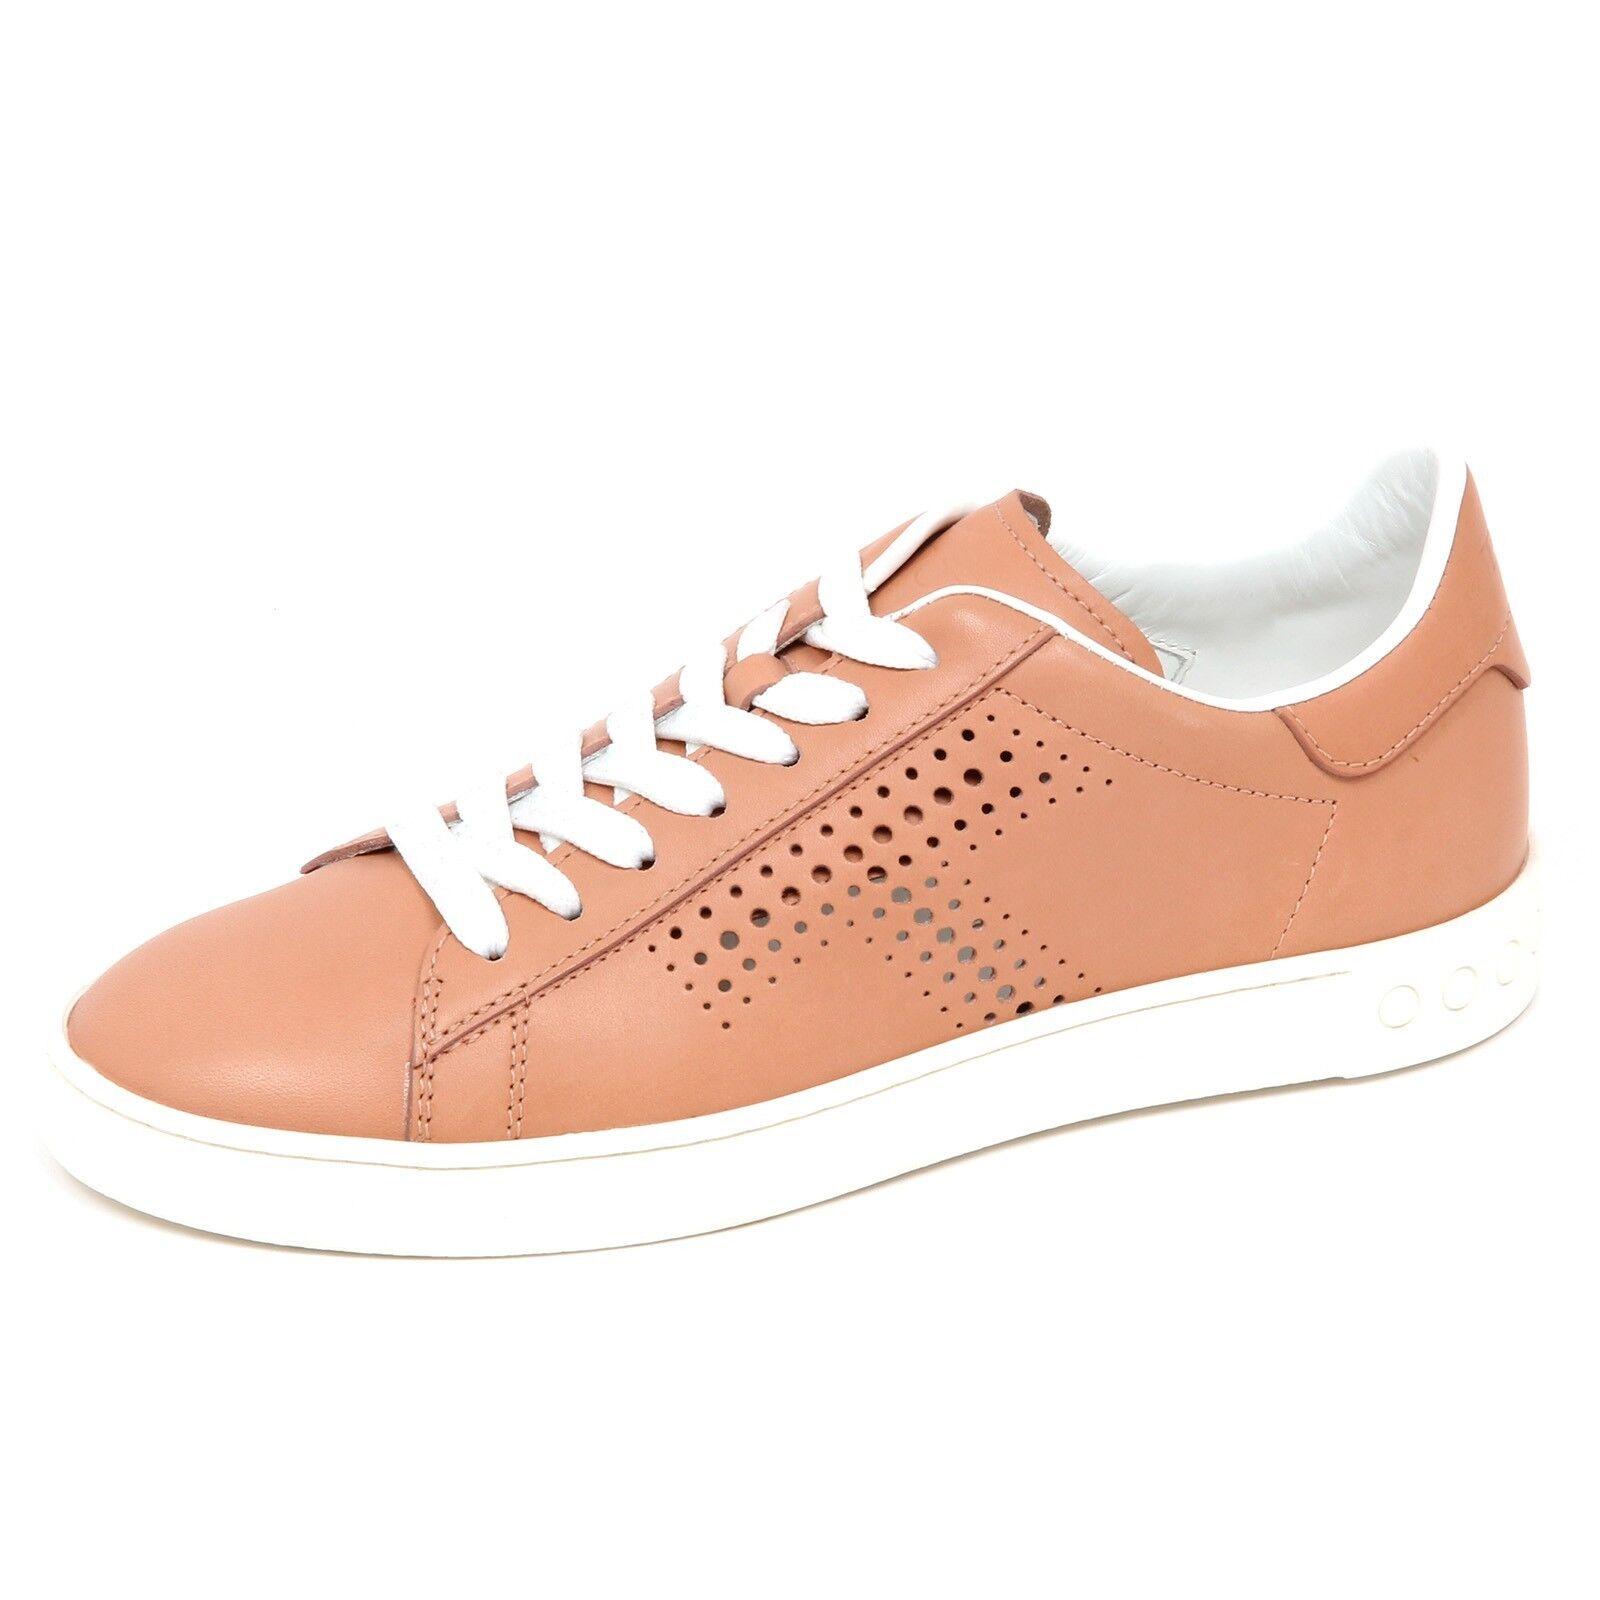 E2914 sneaker donna TOD'S CASSETTA scarpe cipria scuro forata shoe woman